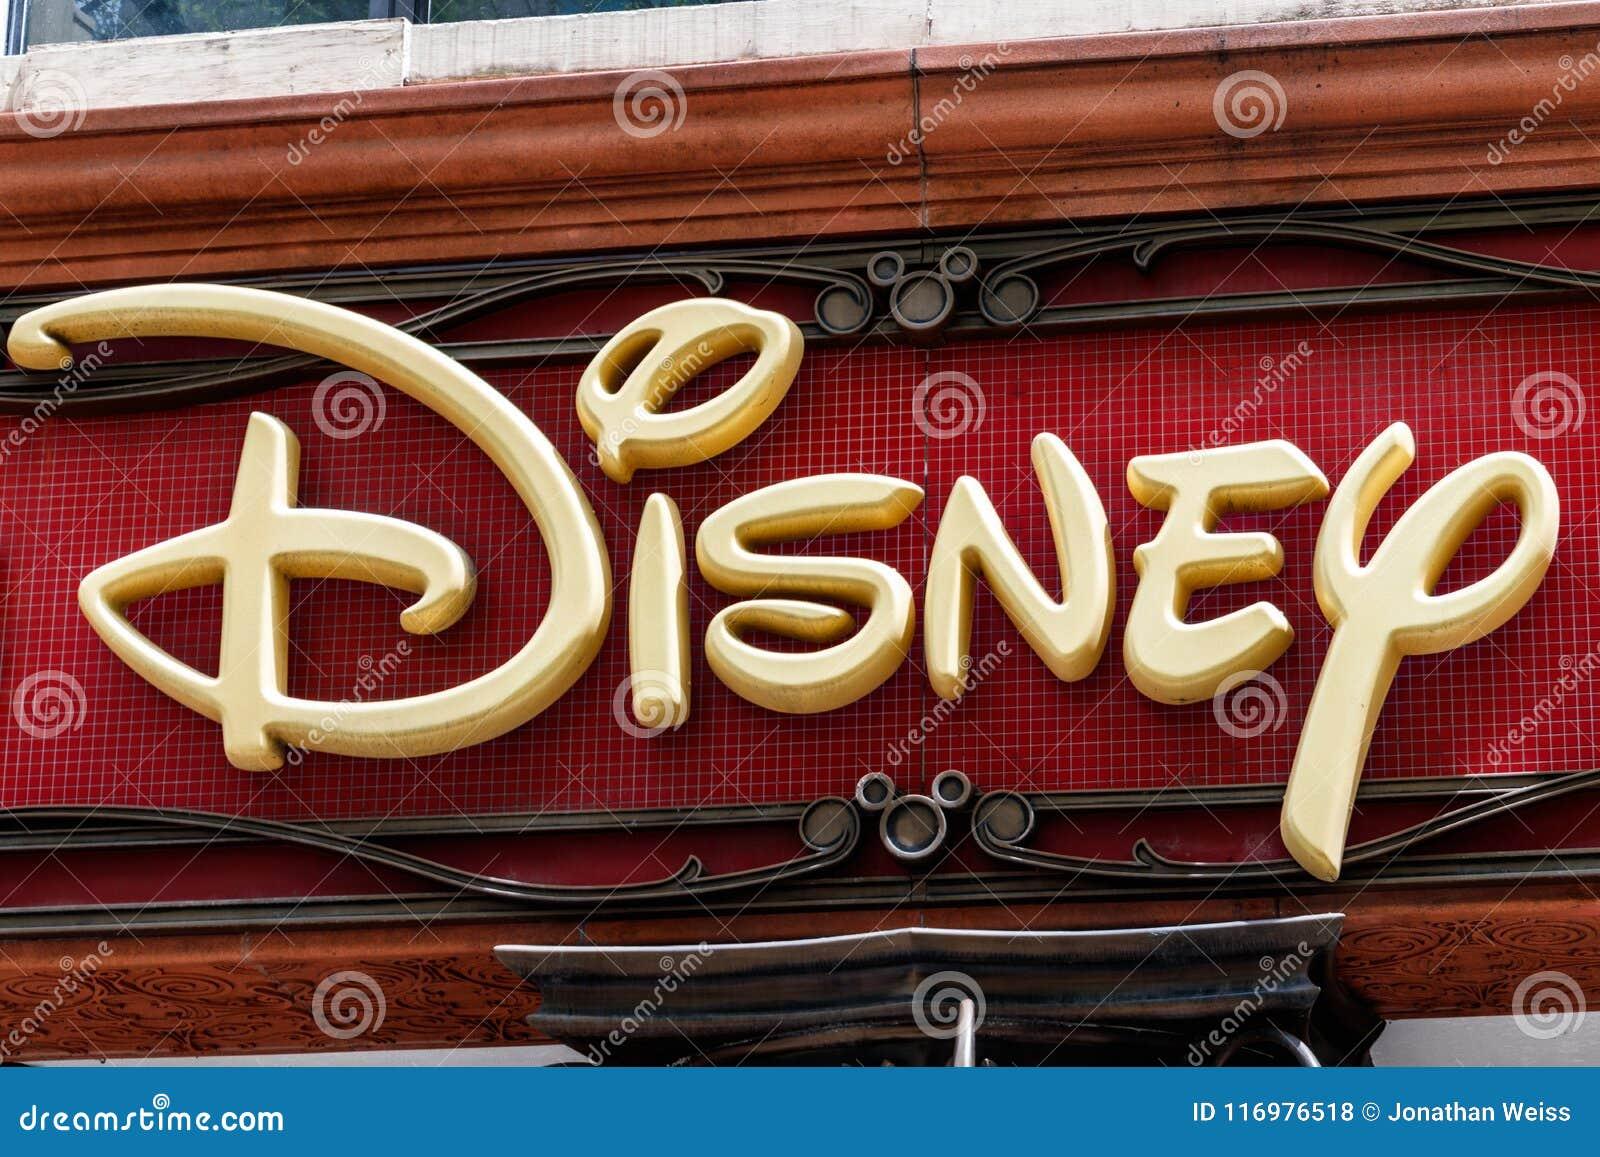 Chicago - circa mayo de 2018: Ubicación de la alameda de la venta al por menor de la tienda de Disney La tienda de Disney es el s